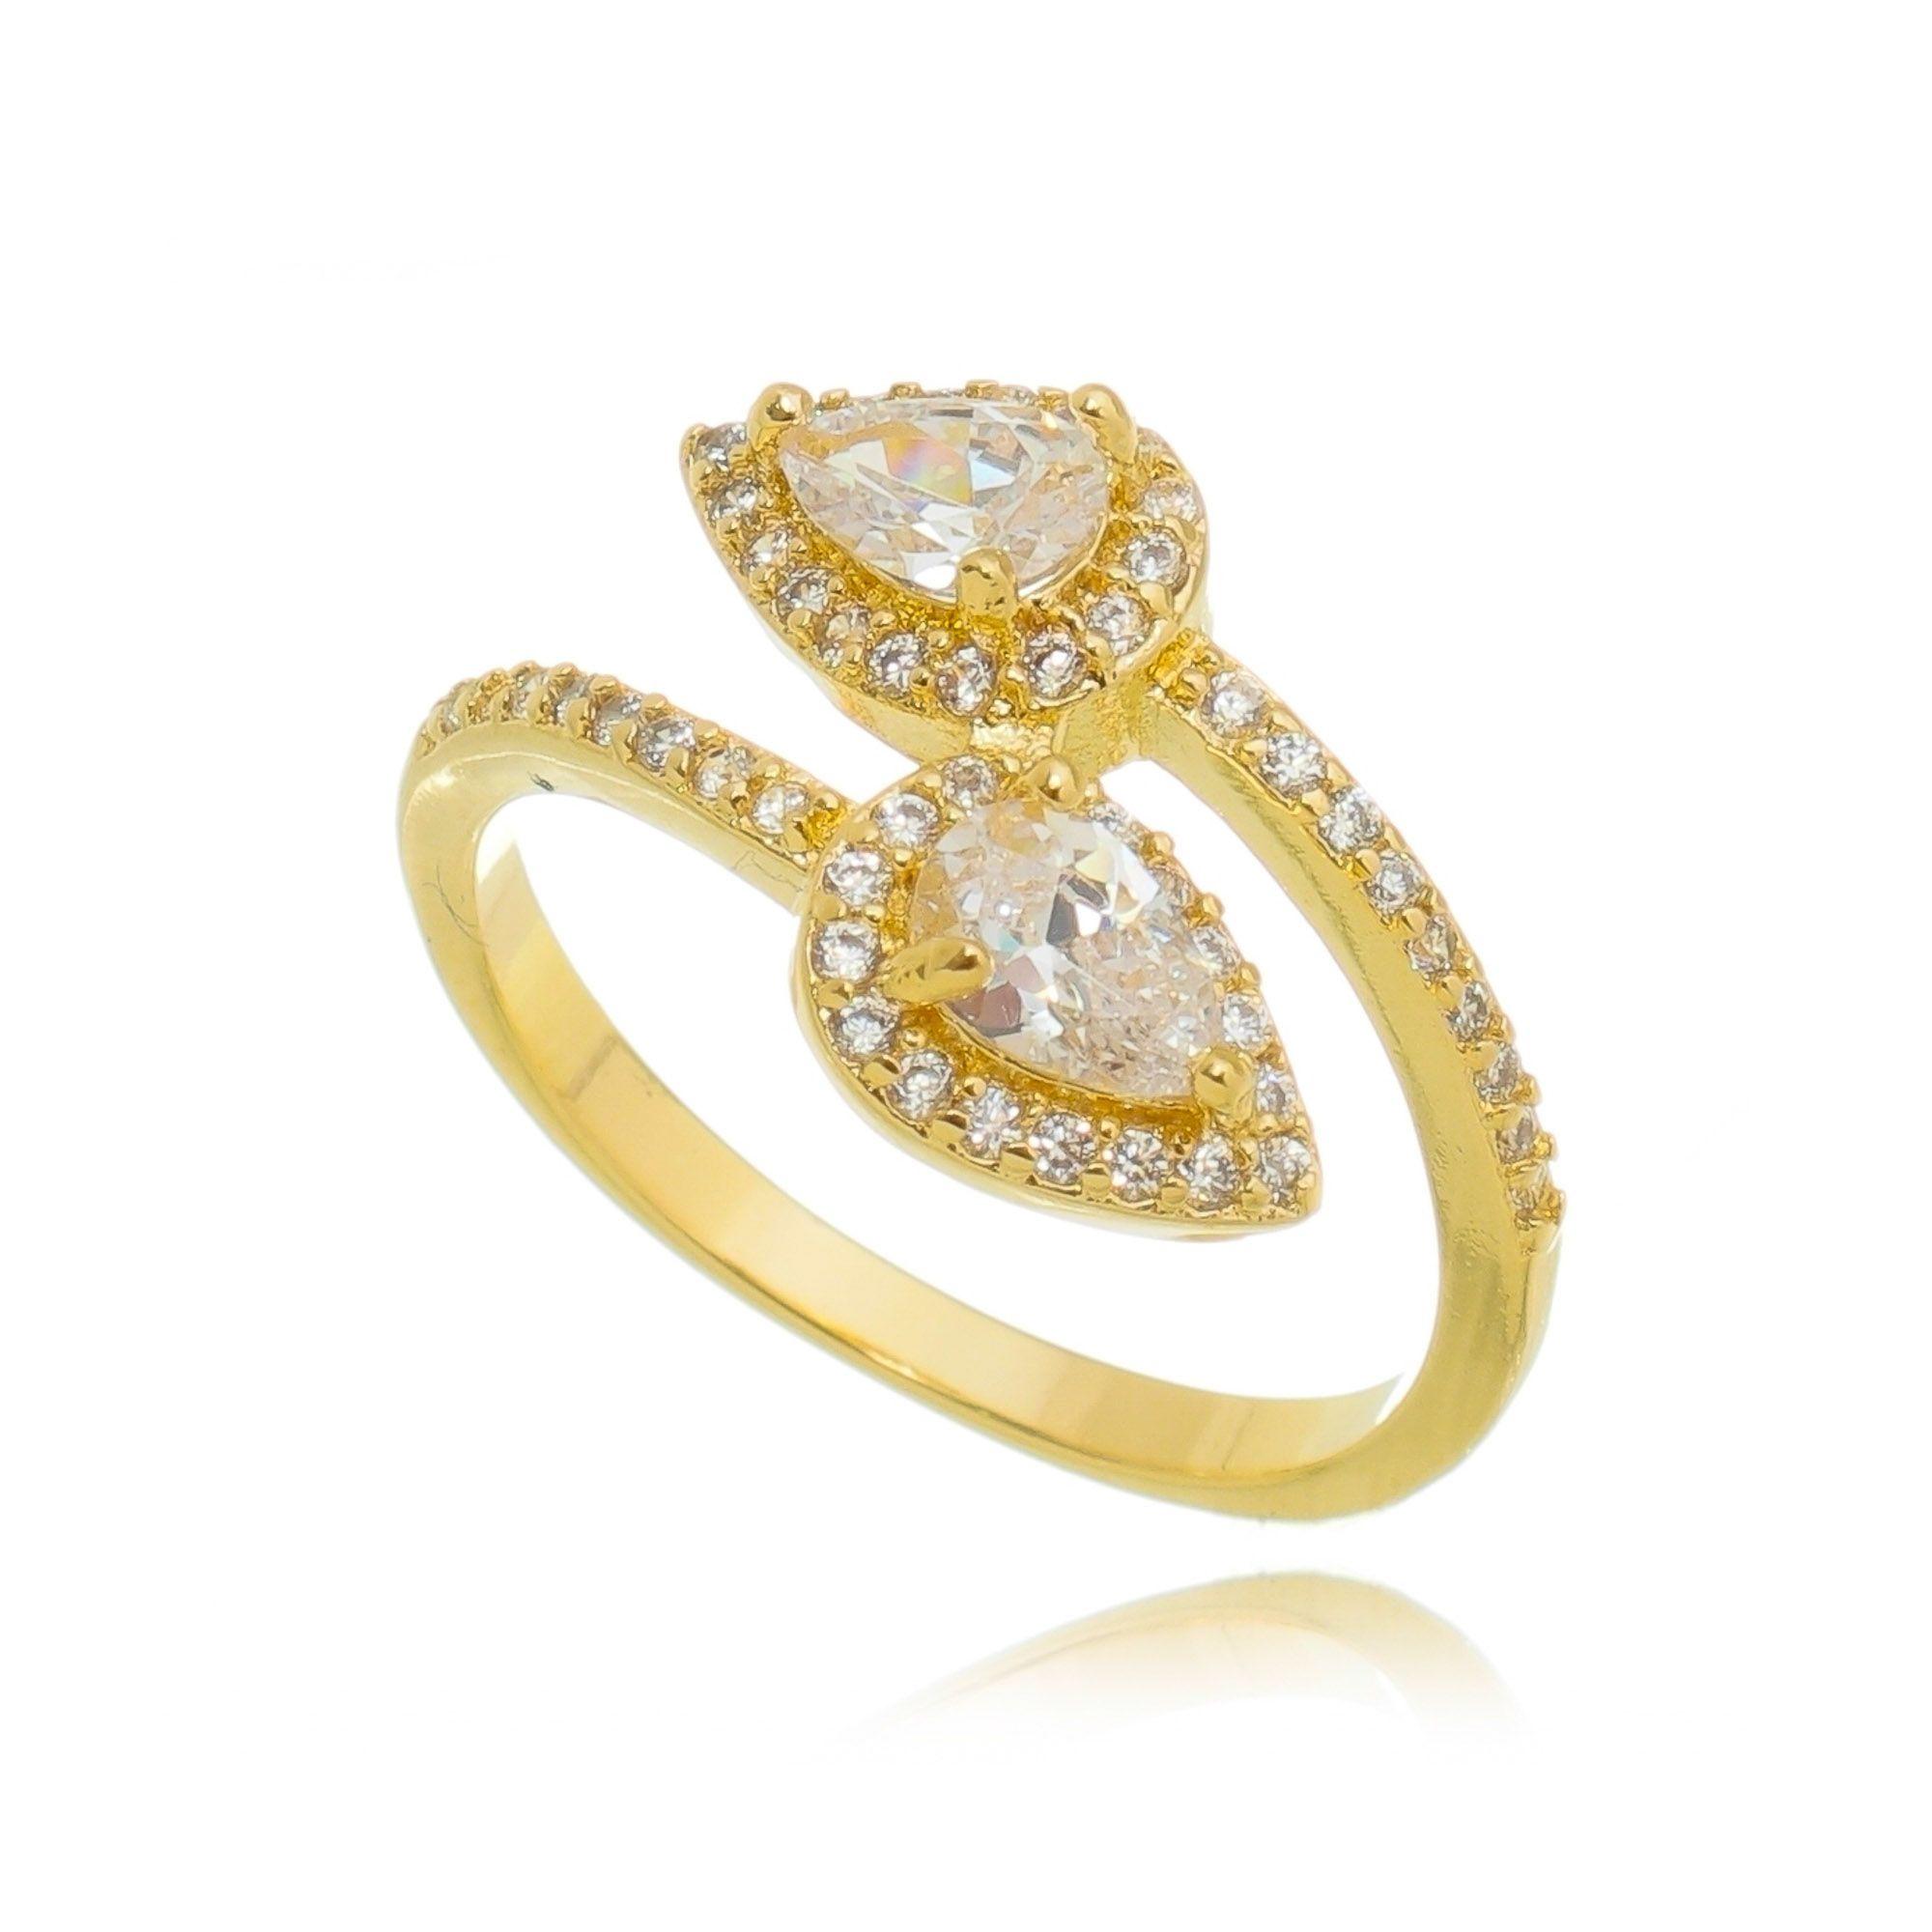 Anel Gota Dourado de Zircônia Cristal Semijoia em Ouro 18K  - Soloyou